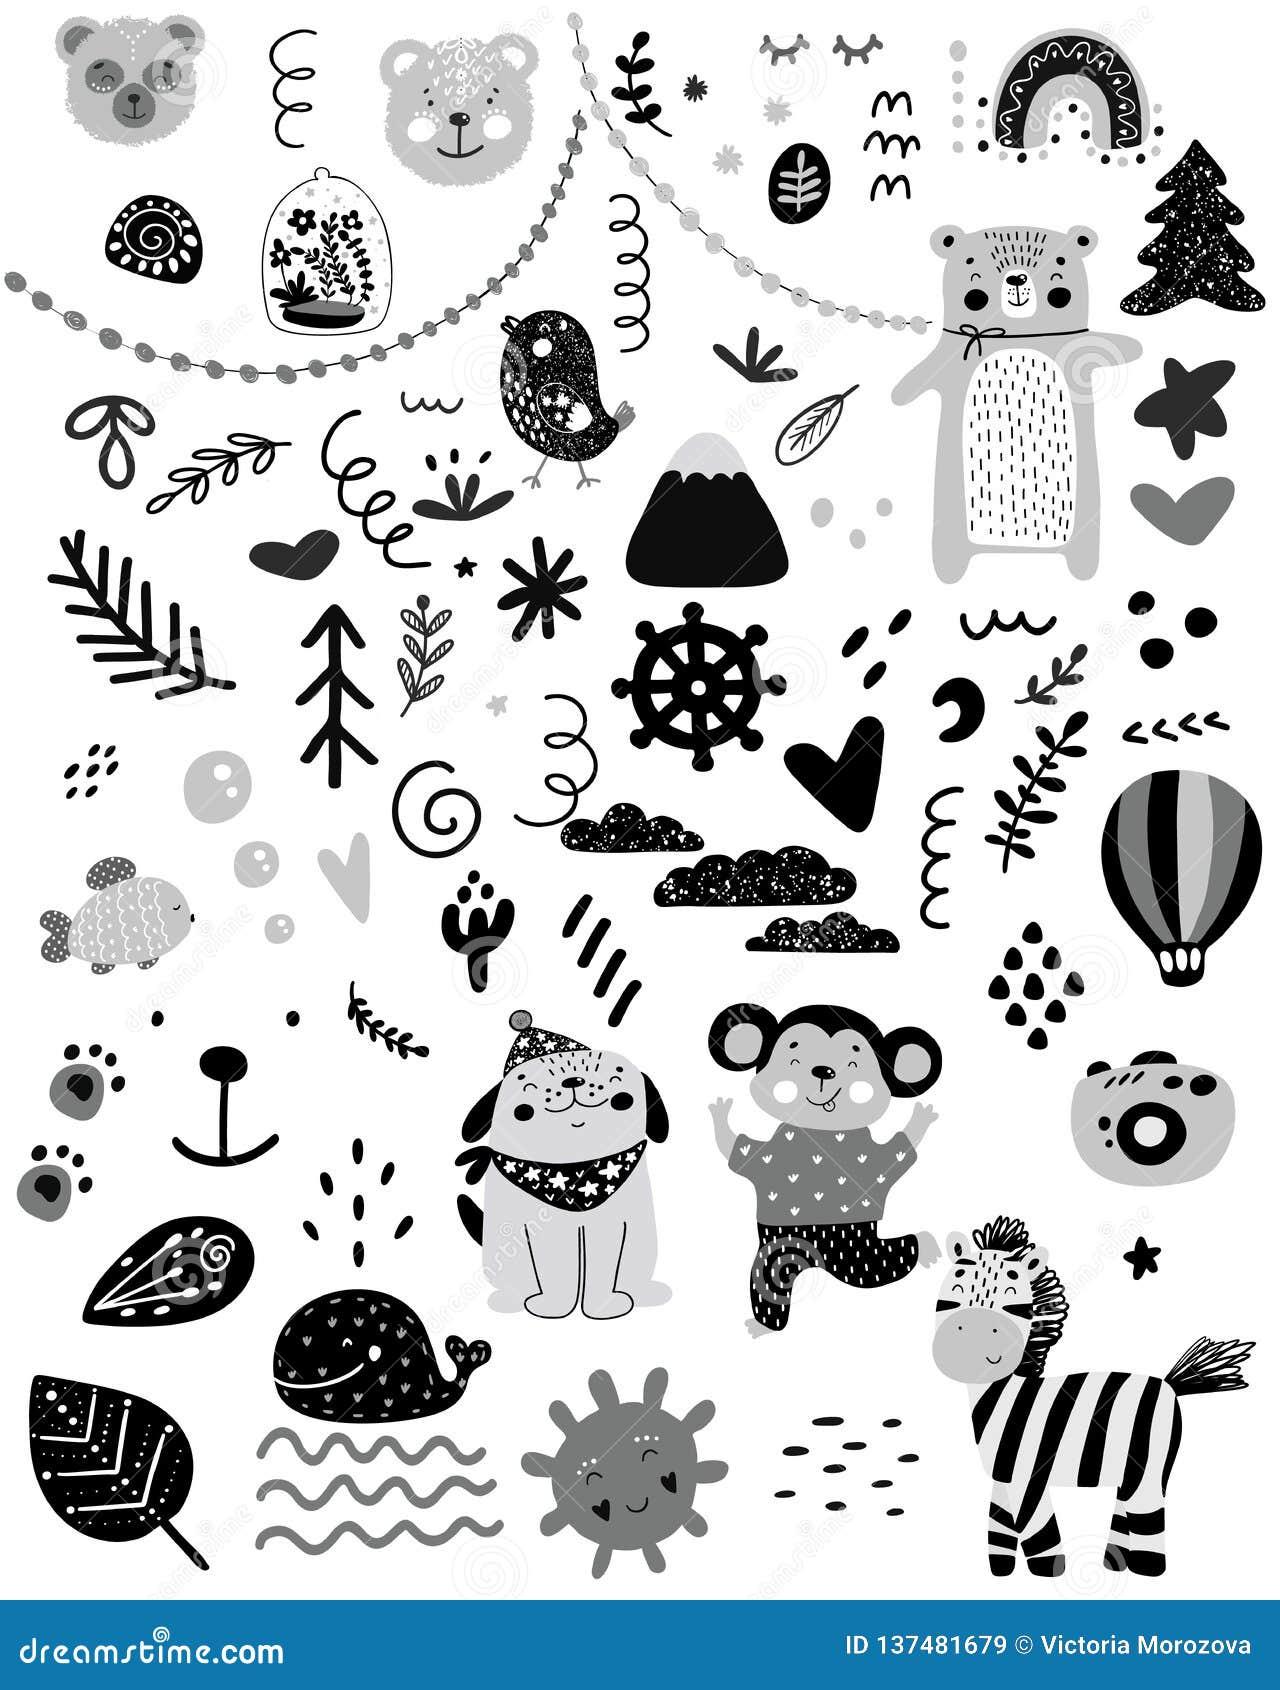 Skandinaviska ungeklotterbeståndsdelar mönstrar den svartvita monokromma uppsättningen, utdragna djur björnen, katten, apan, hund